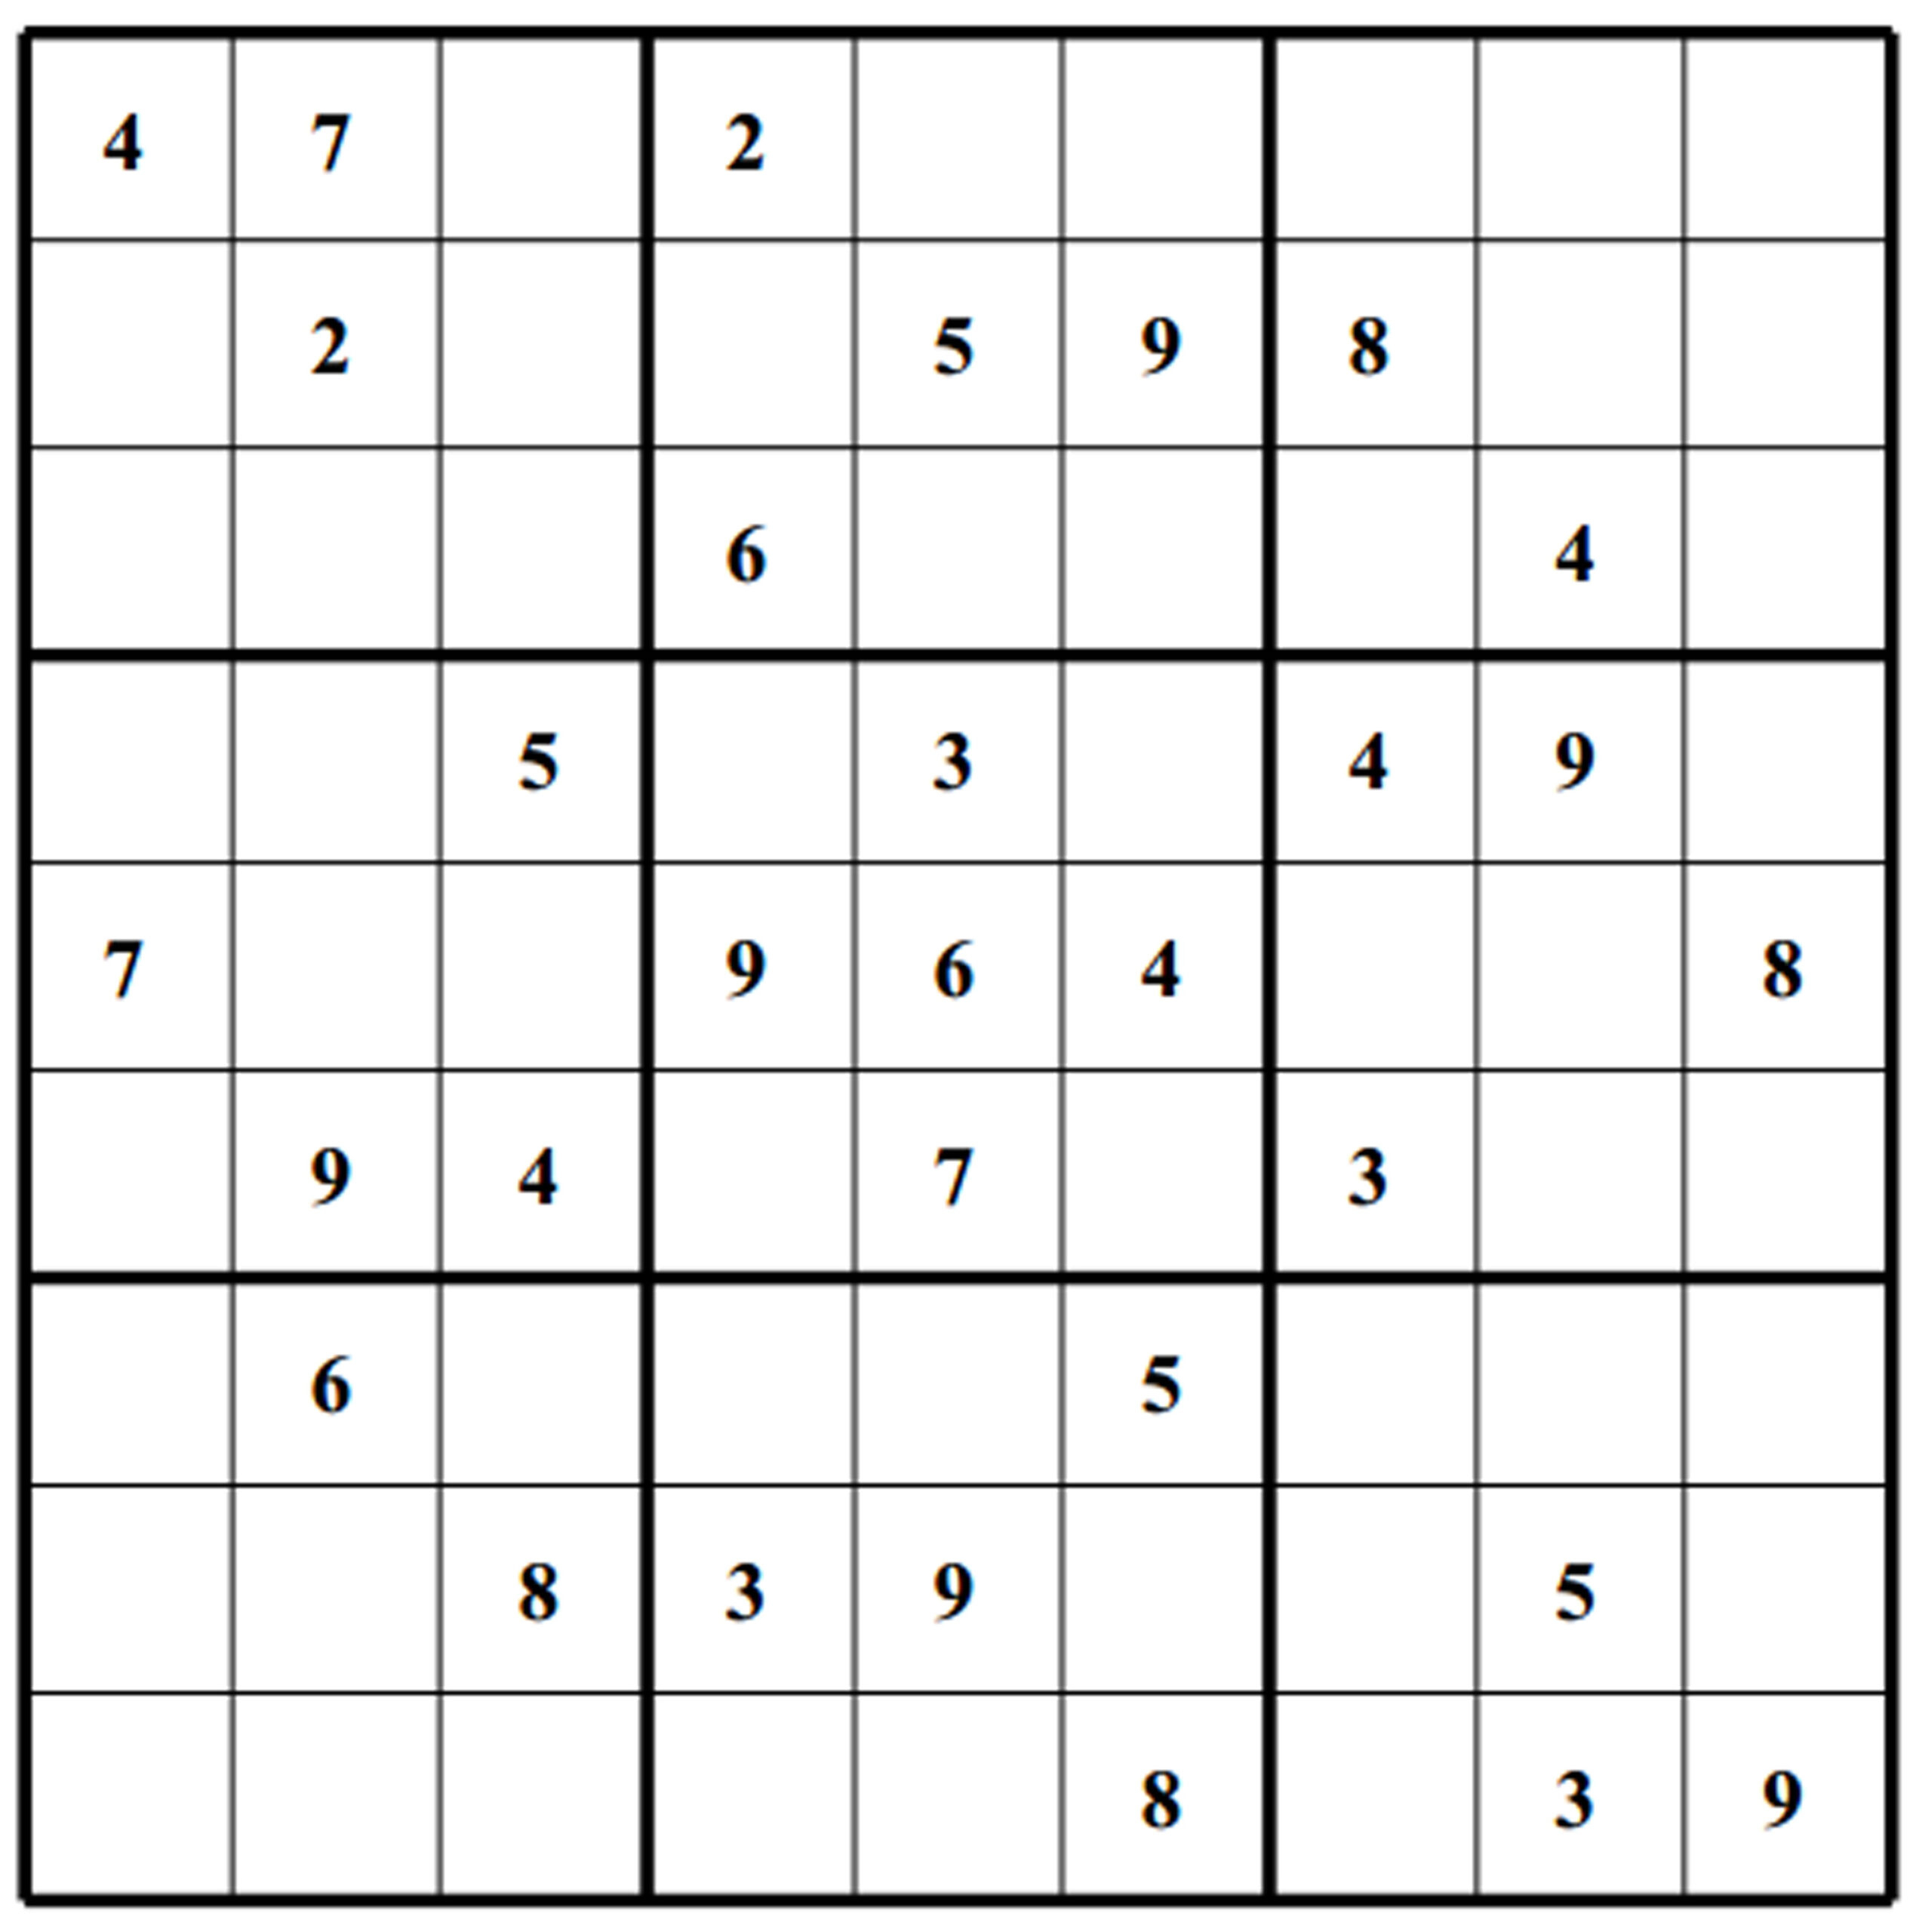 Medium Hard Sudoku Printable